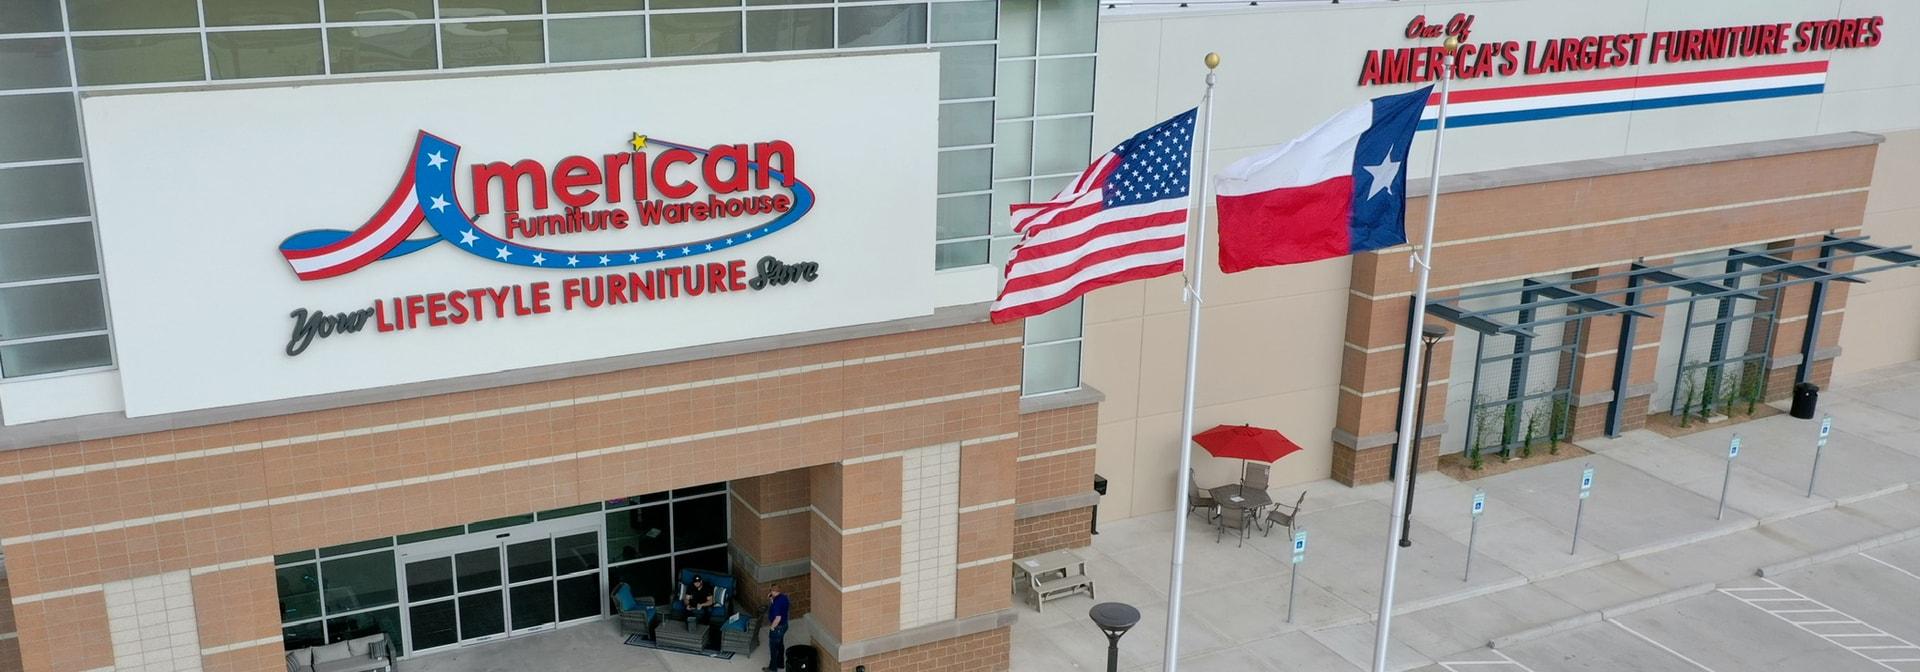 Webster Texas Location Afw Com